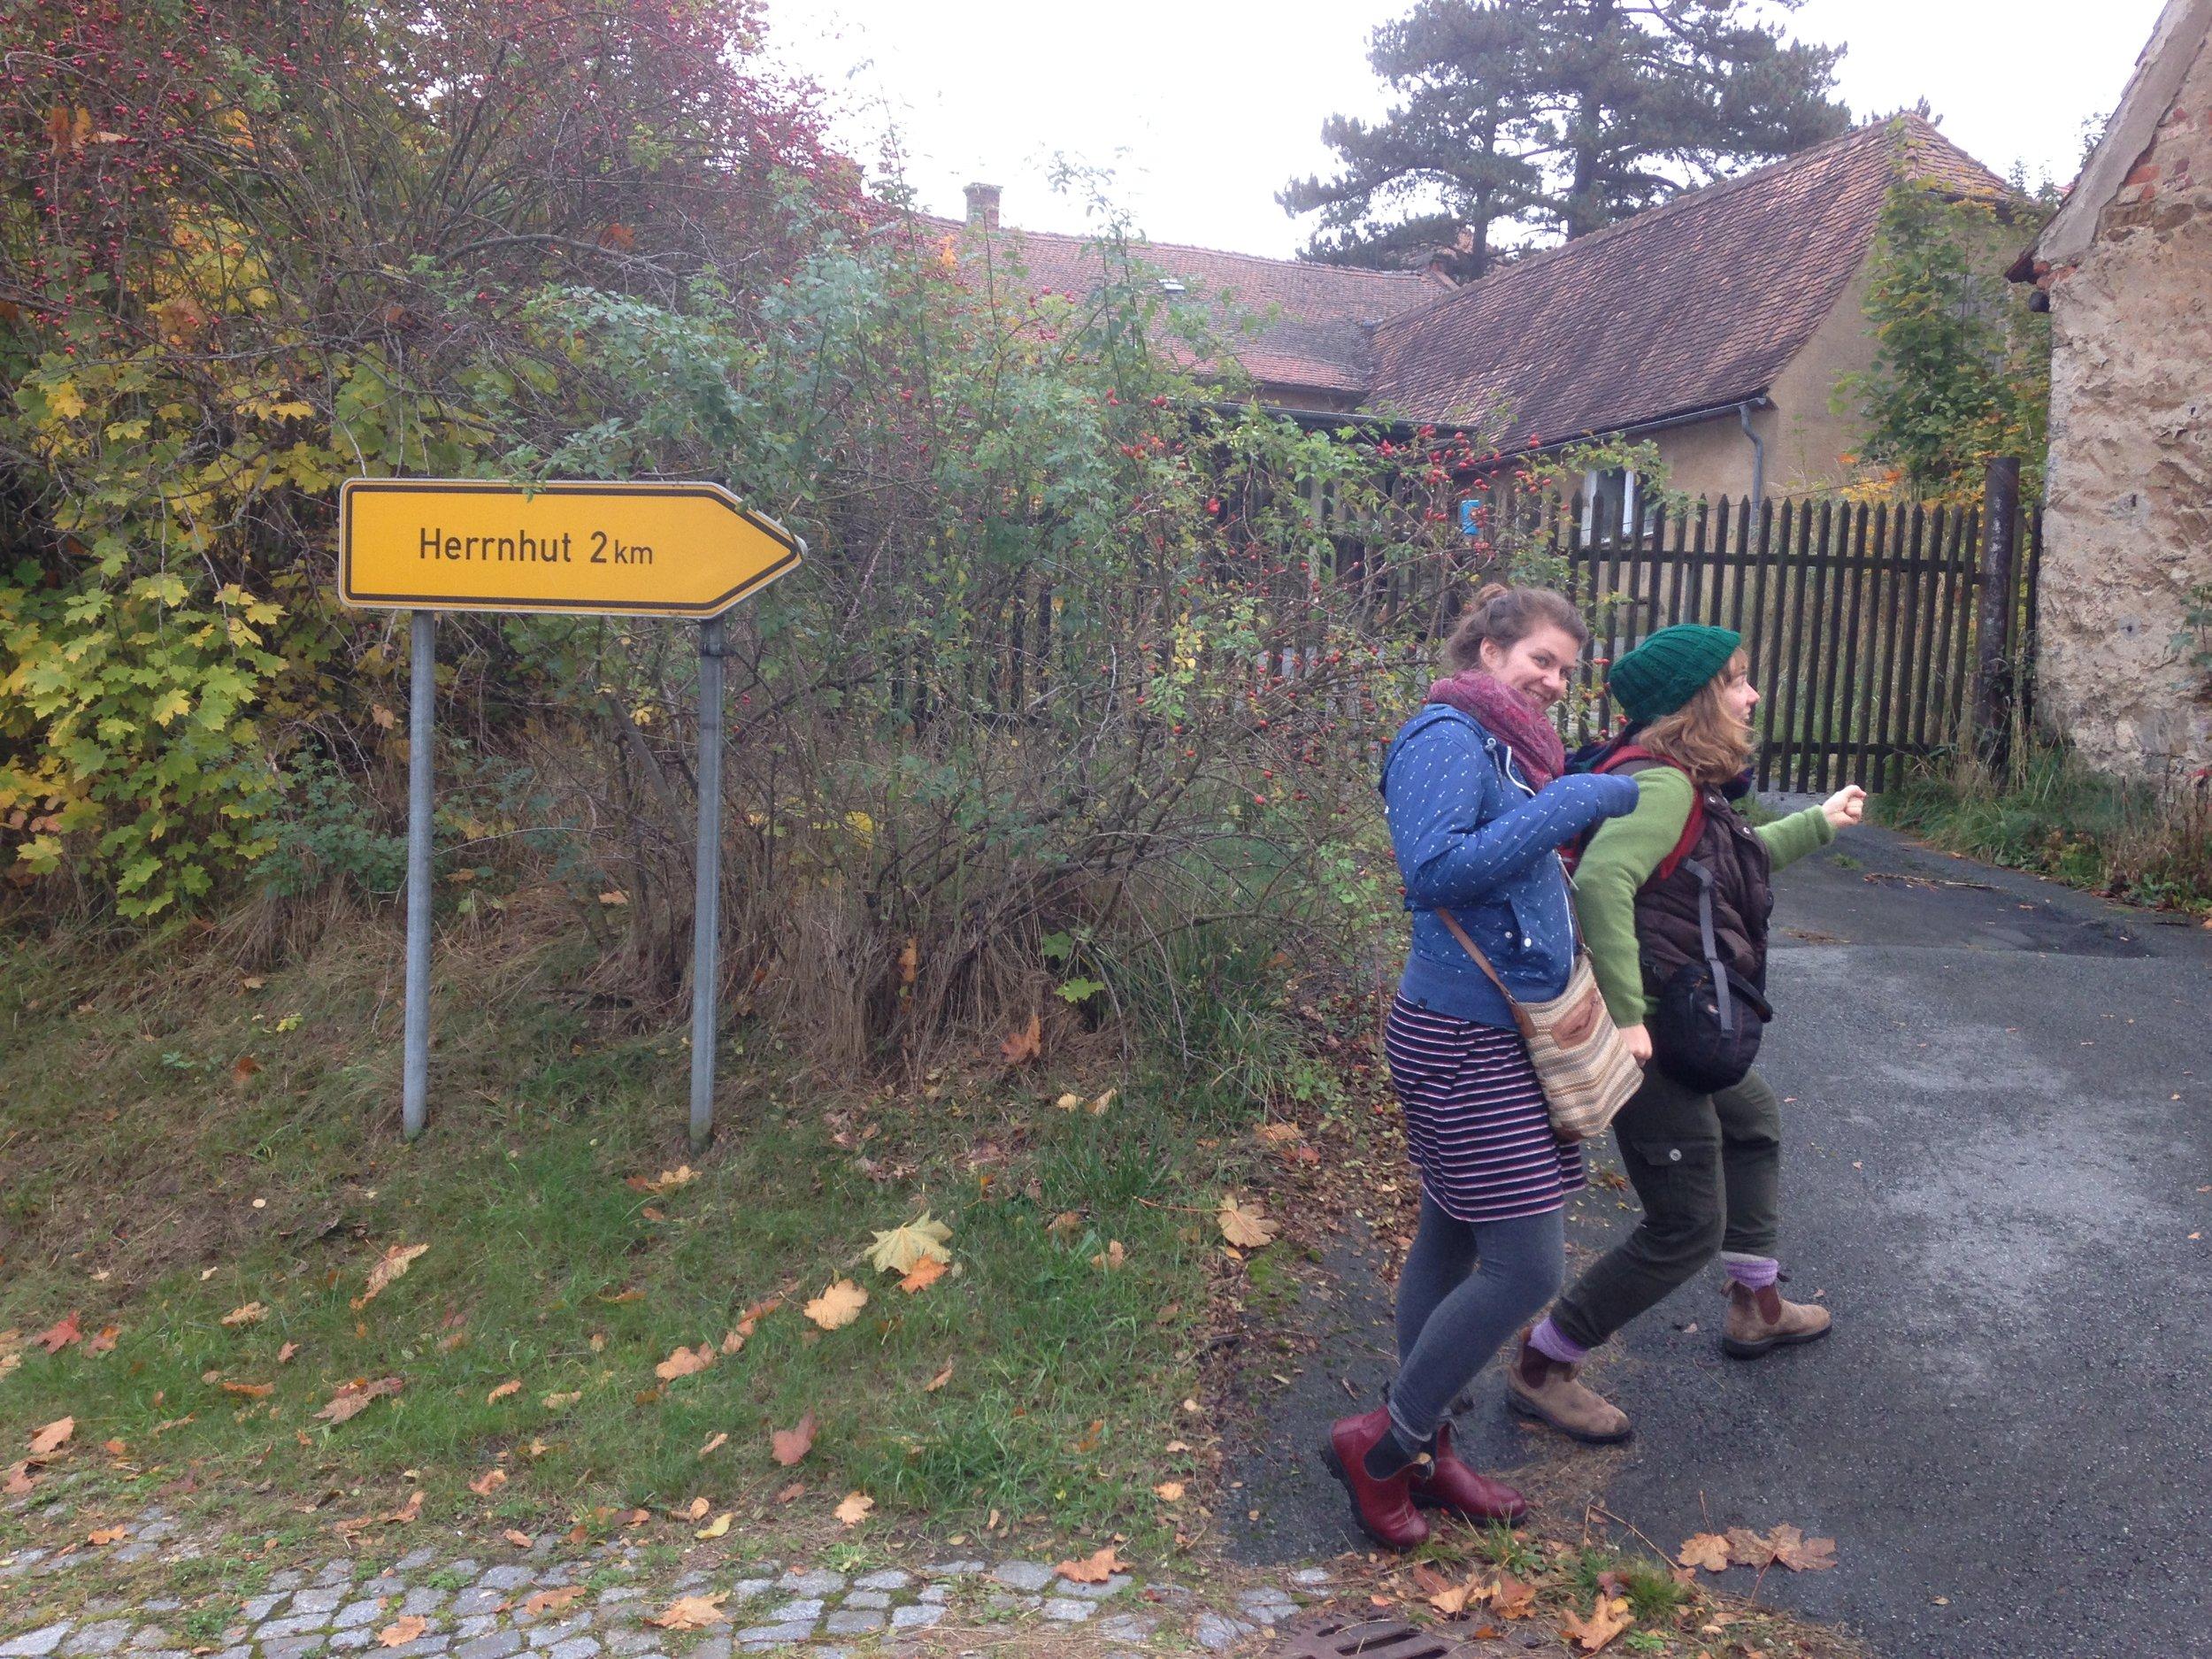 Off we go to Herrnhut!